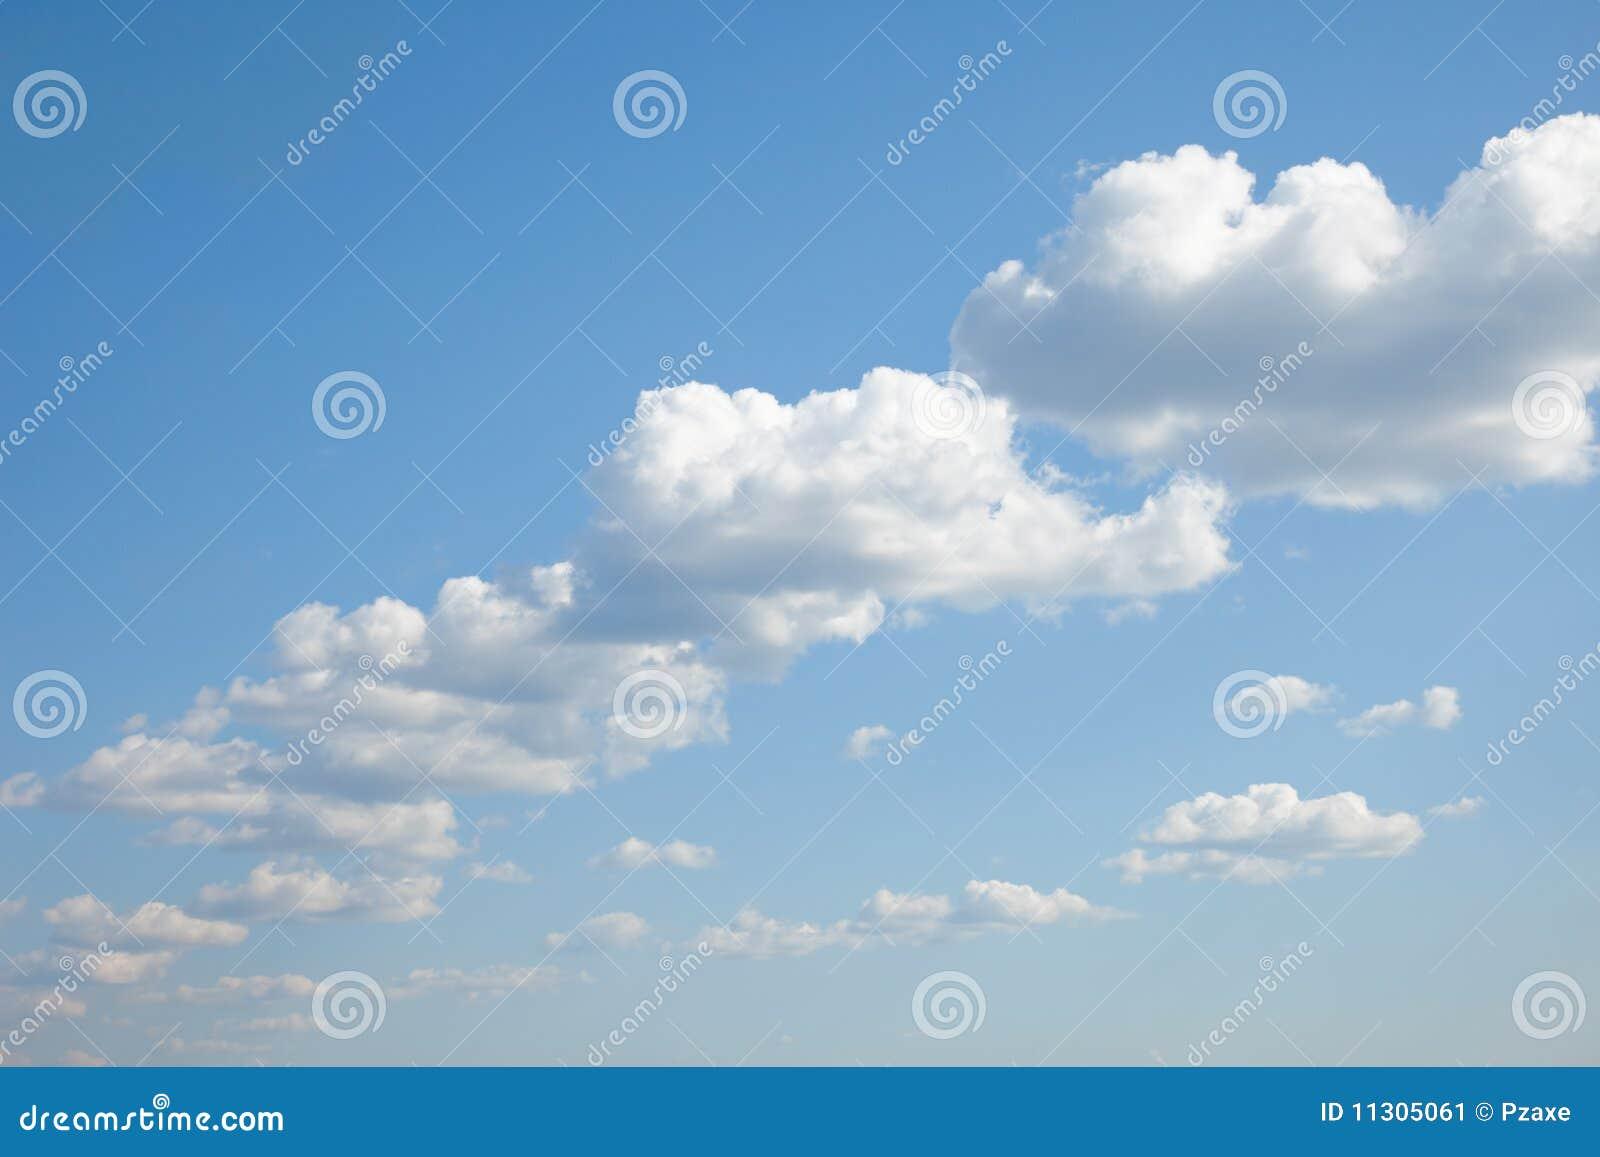 Blauer Himmel mit den Kumuluswolken nebeneinander aufgebaut